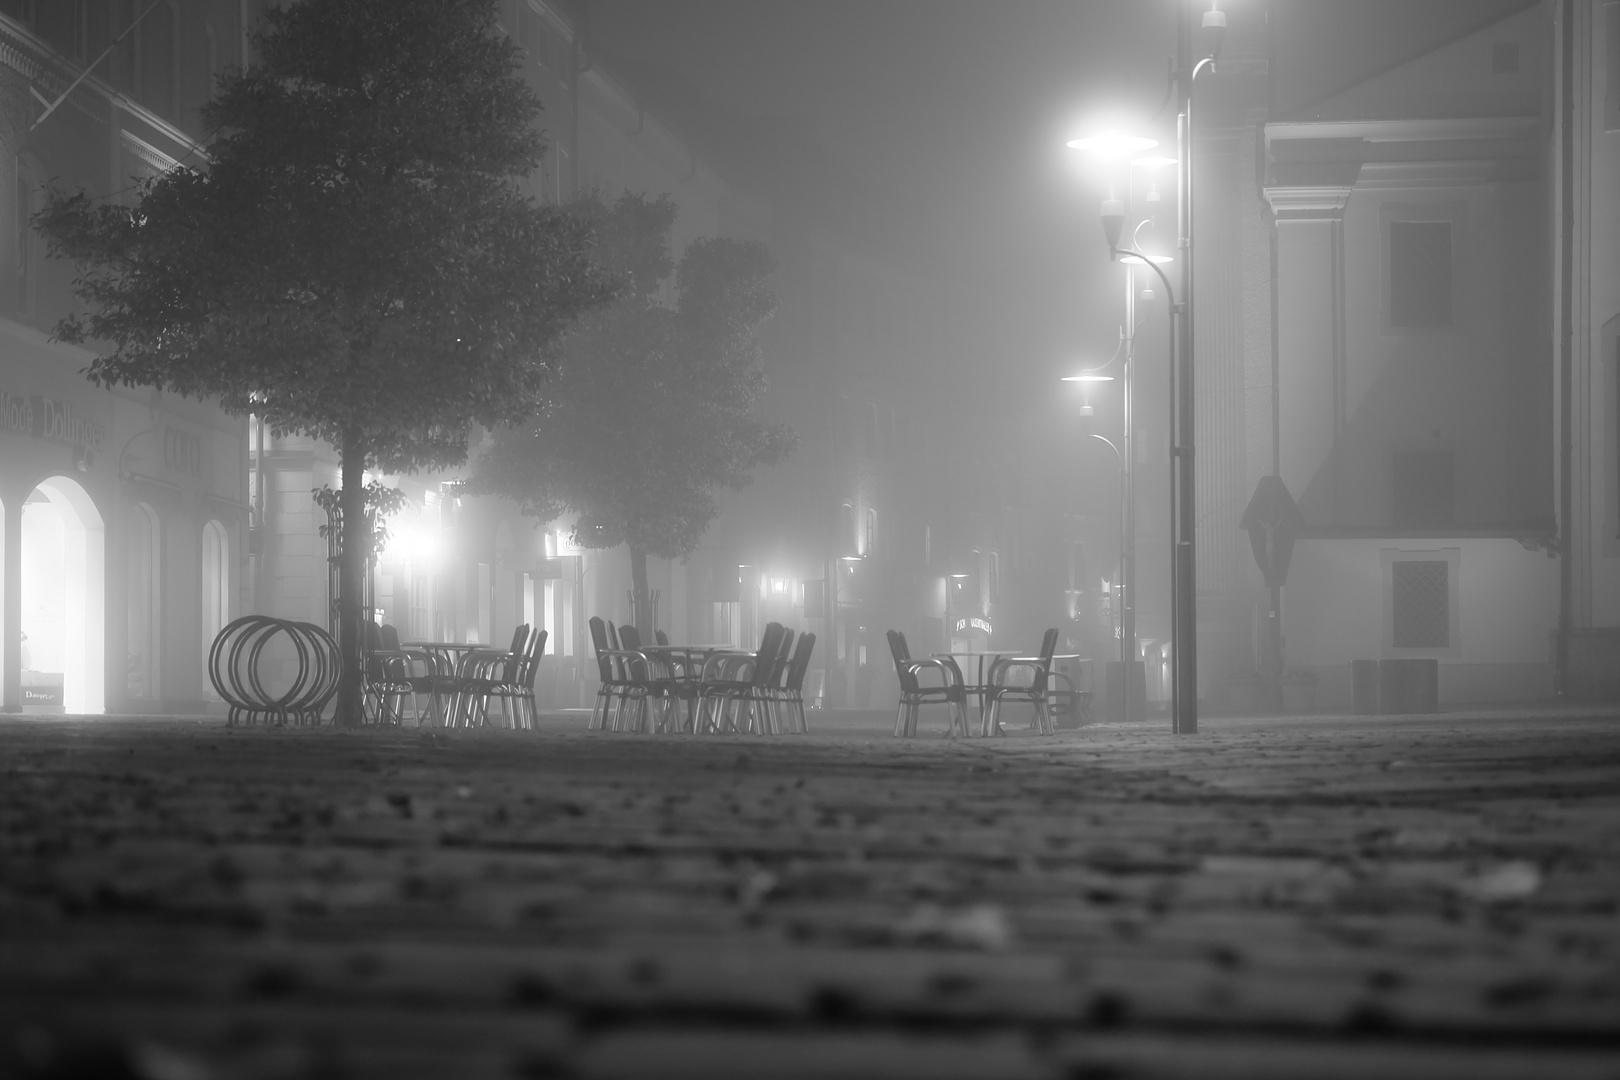 Stadt im Nebel Foto & Bild   nebelstimmungen, wetter, natur Bilder auf  fotocommunity